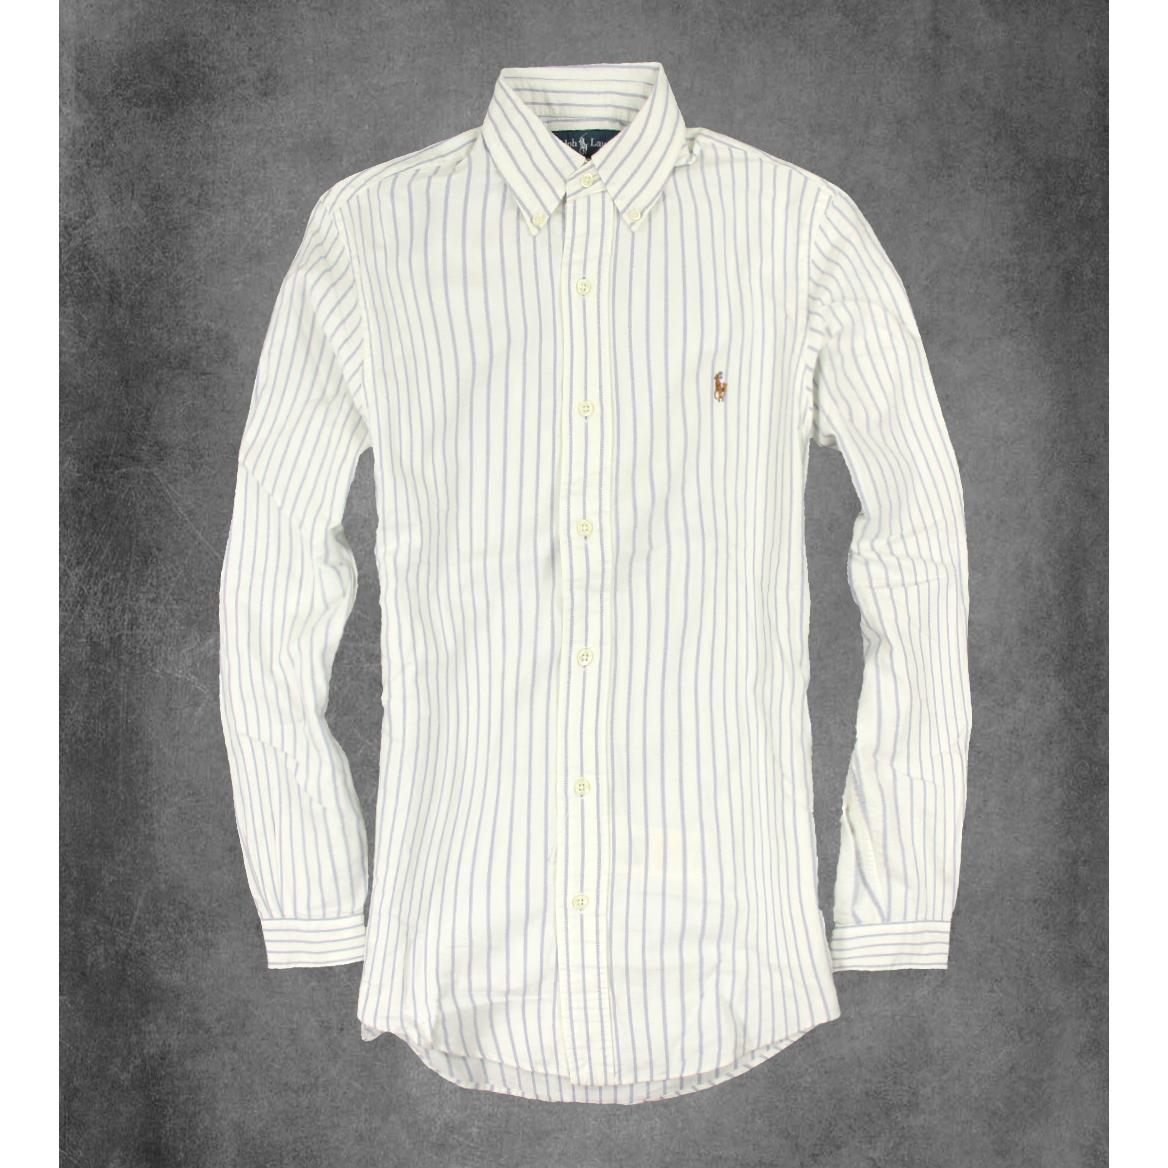 美國百分百【全新真品】Ralph Lauren 長袖 襯衫 RL 男 POLO 彩馬 牛津布 條紋 上衣 白 XS號 F150